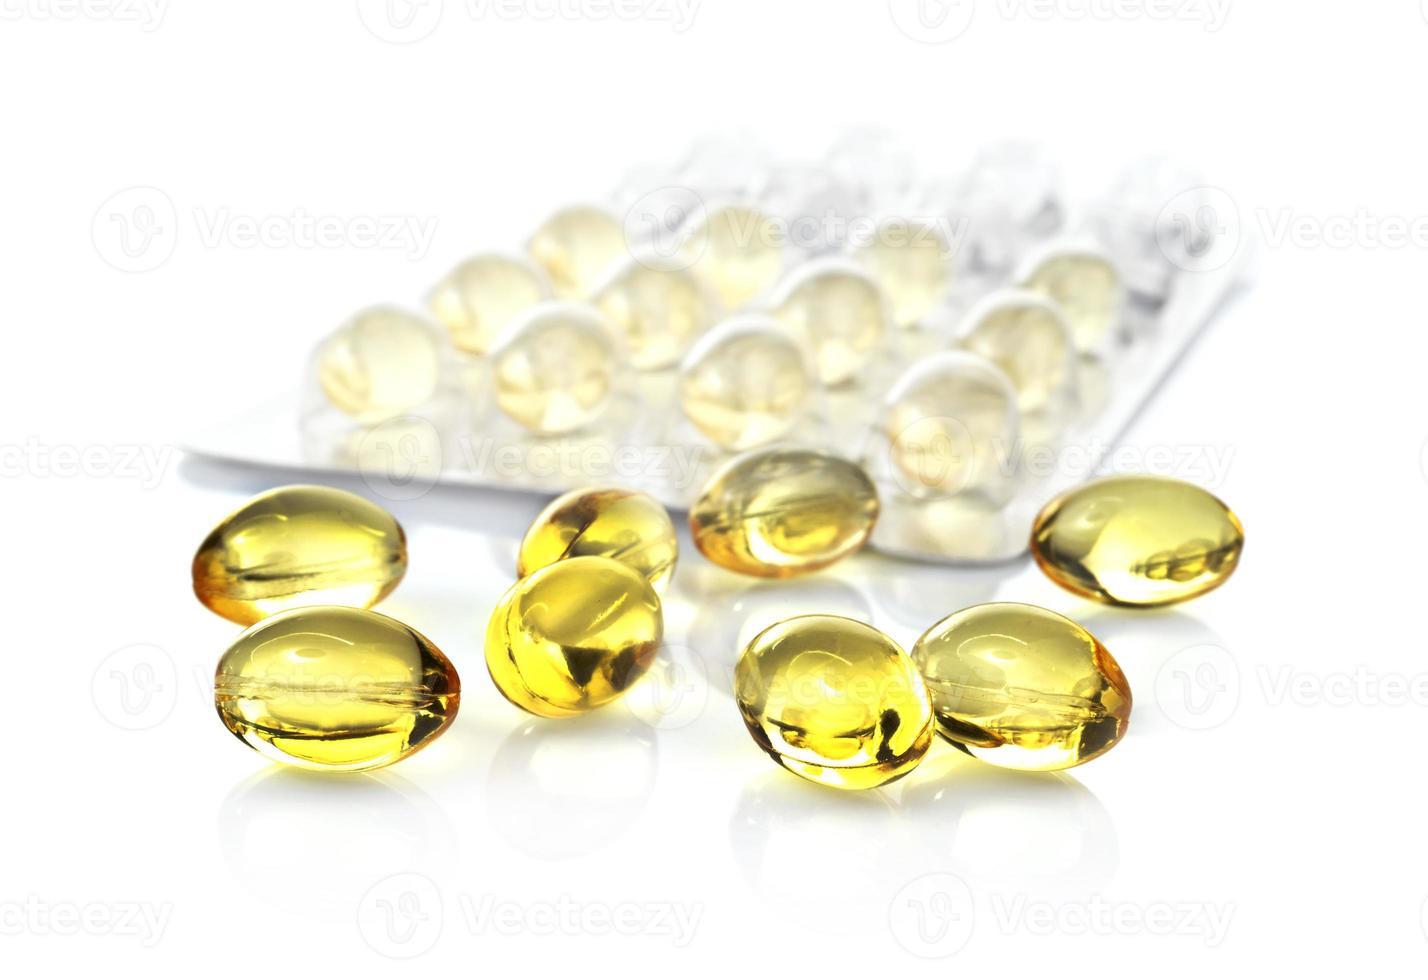 visolie capsules en blisterverpakking geïsoleerd op een witte achtergrond foto